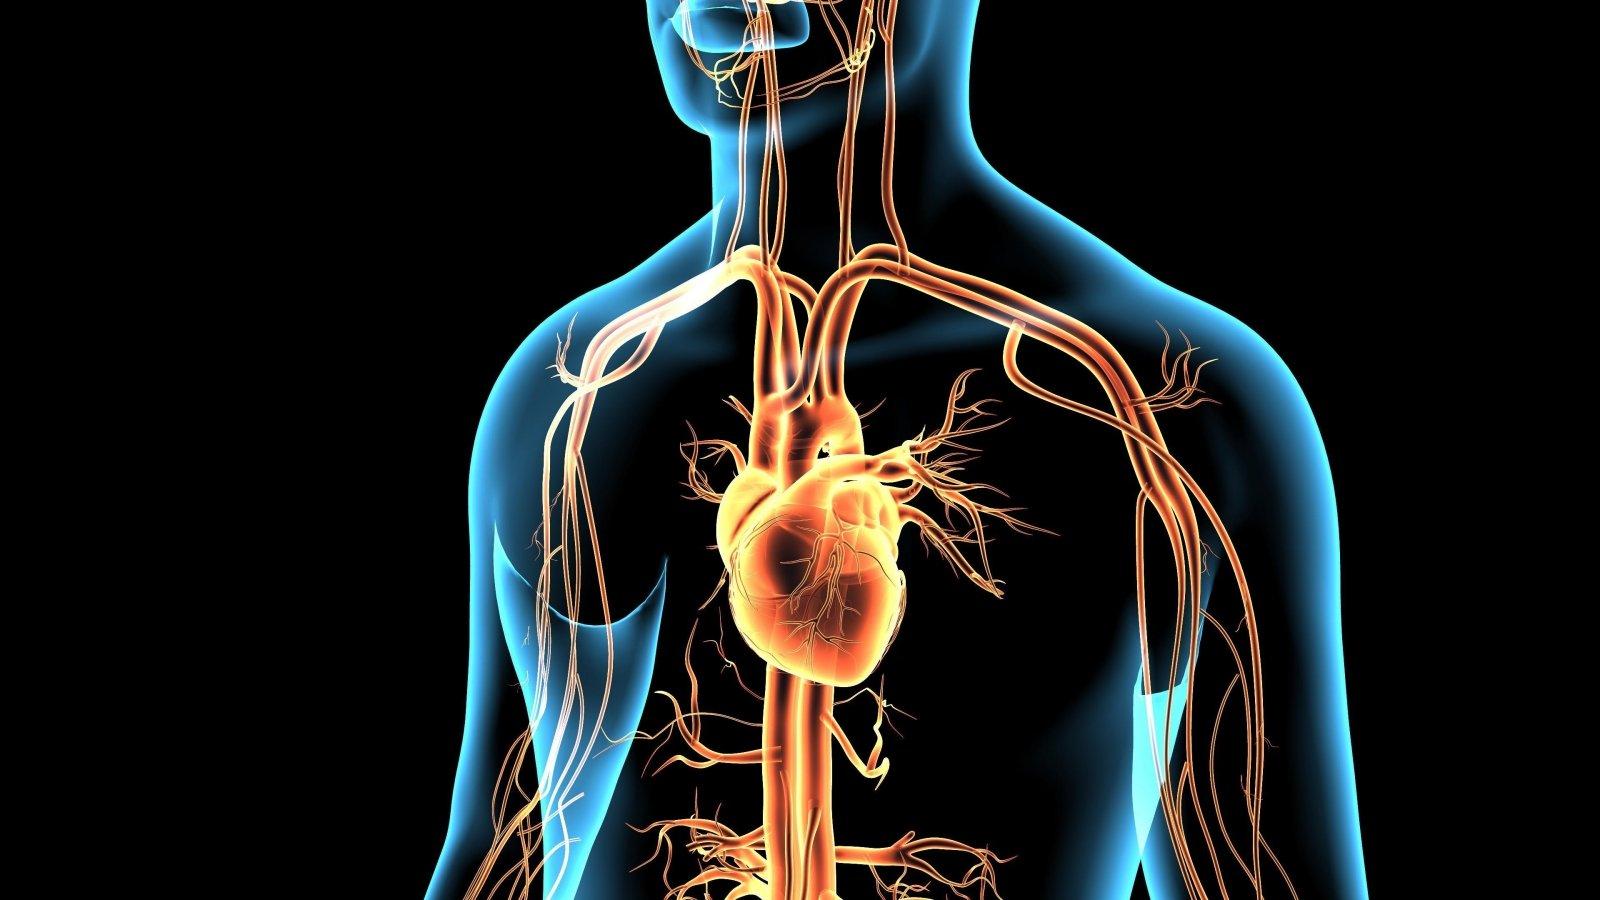 kraujagyslių gydymas hipertenzijai gydyti)